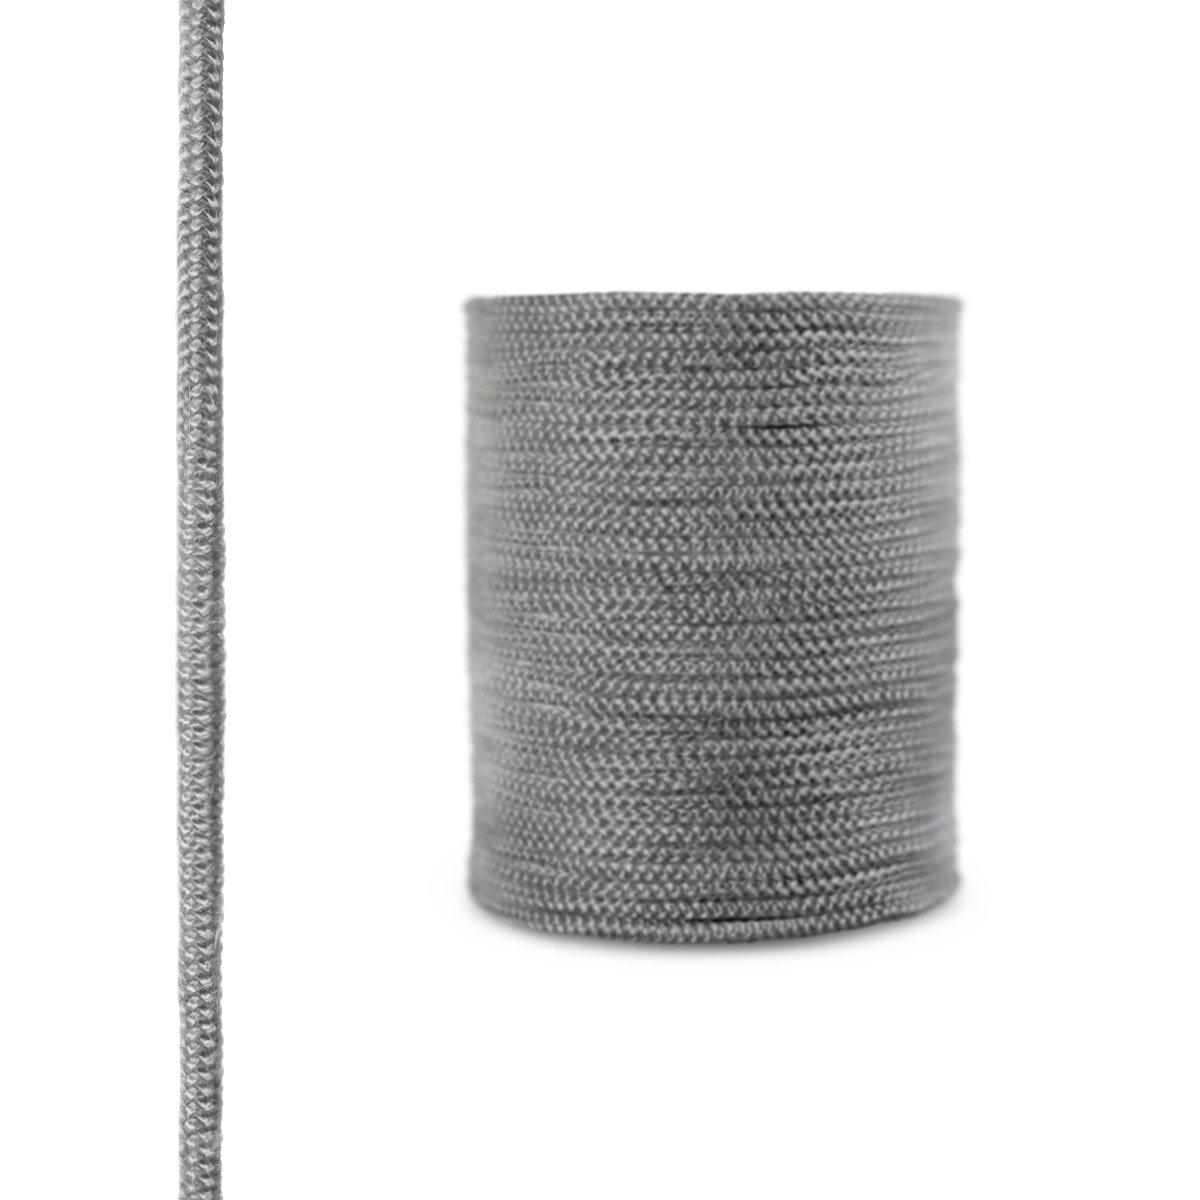 STEIGNER Corde en Fibre de Verre SKD02-10 2 m 12 mm Scellant Gris Fonc/é R/ésistante /à la Temp/érature jusqu/à 550 /° C